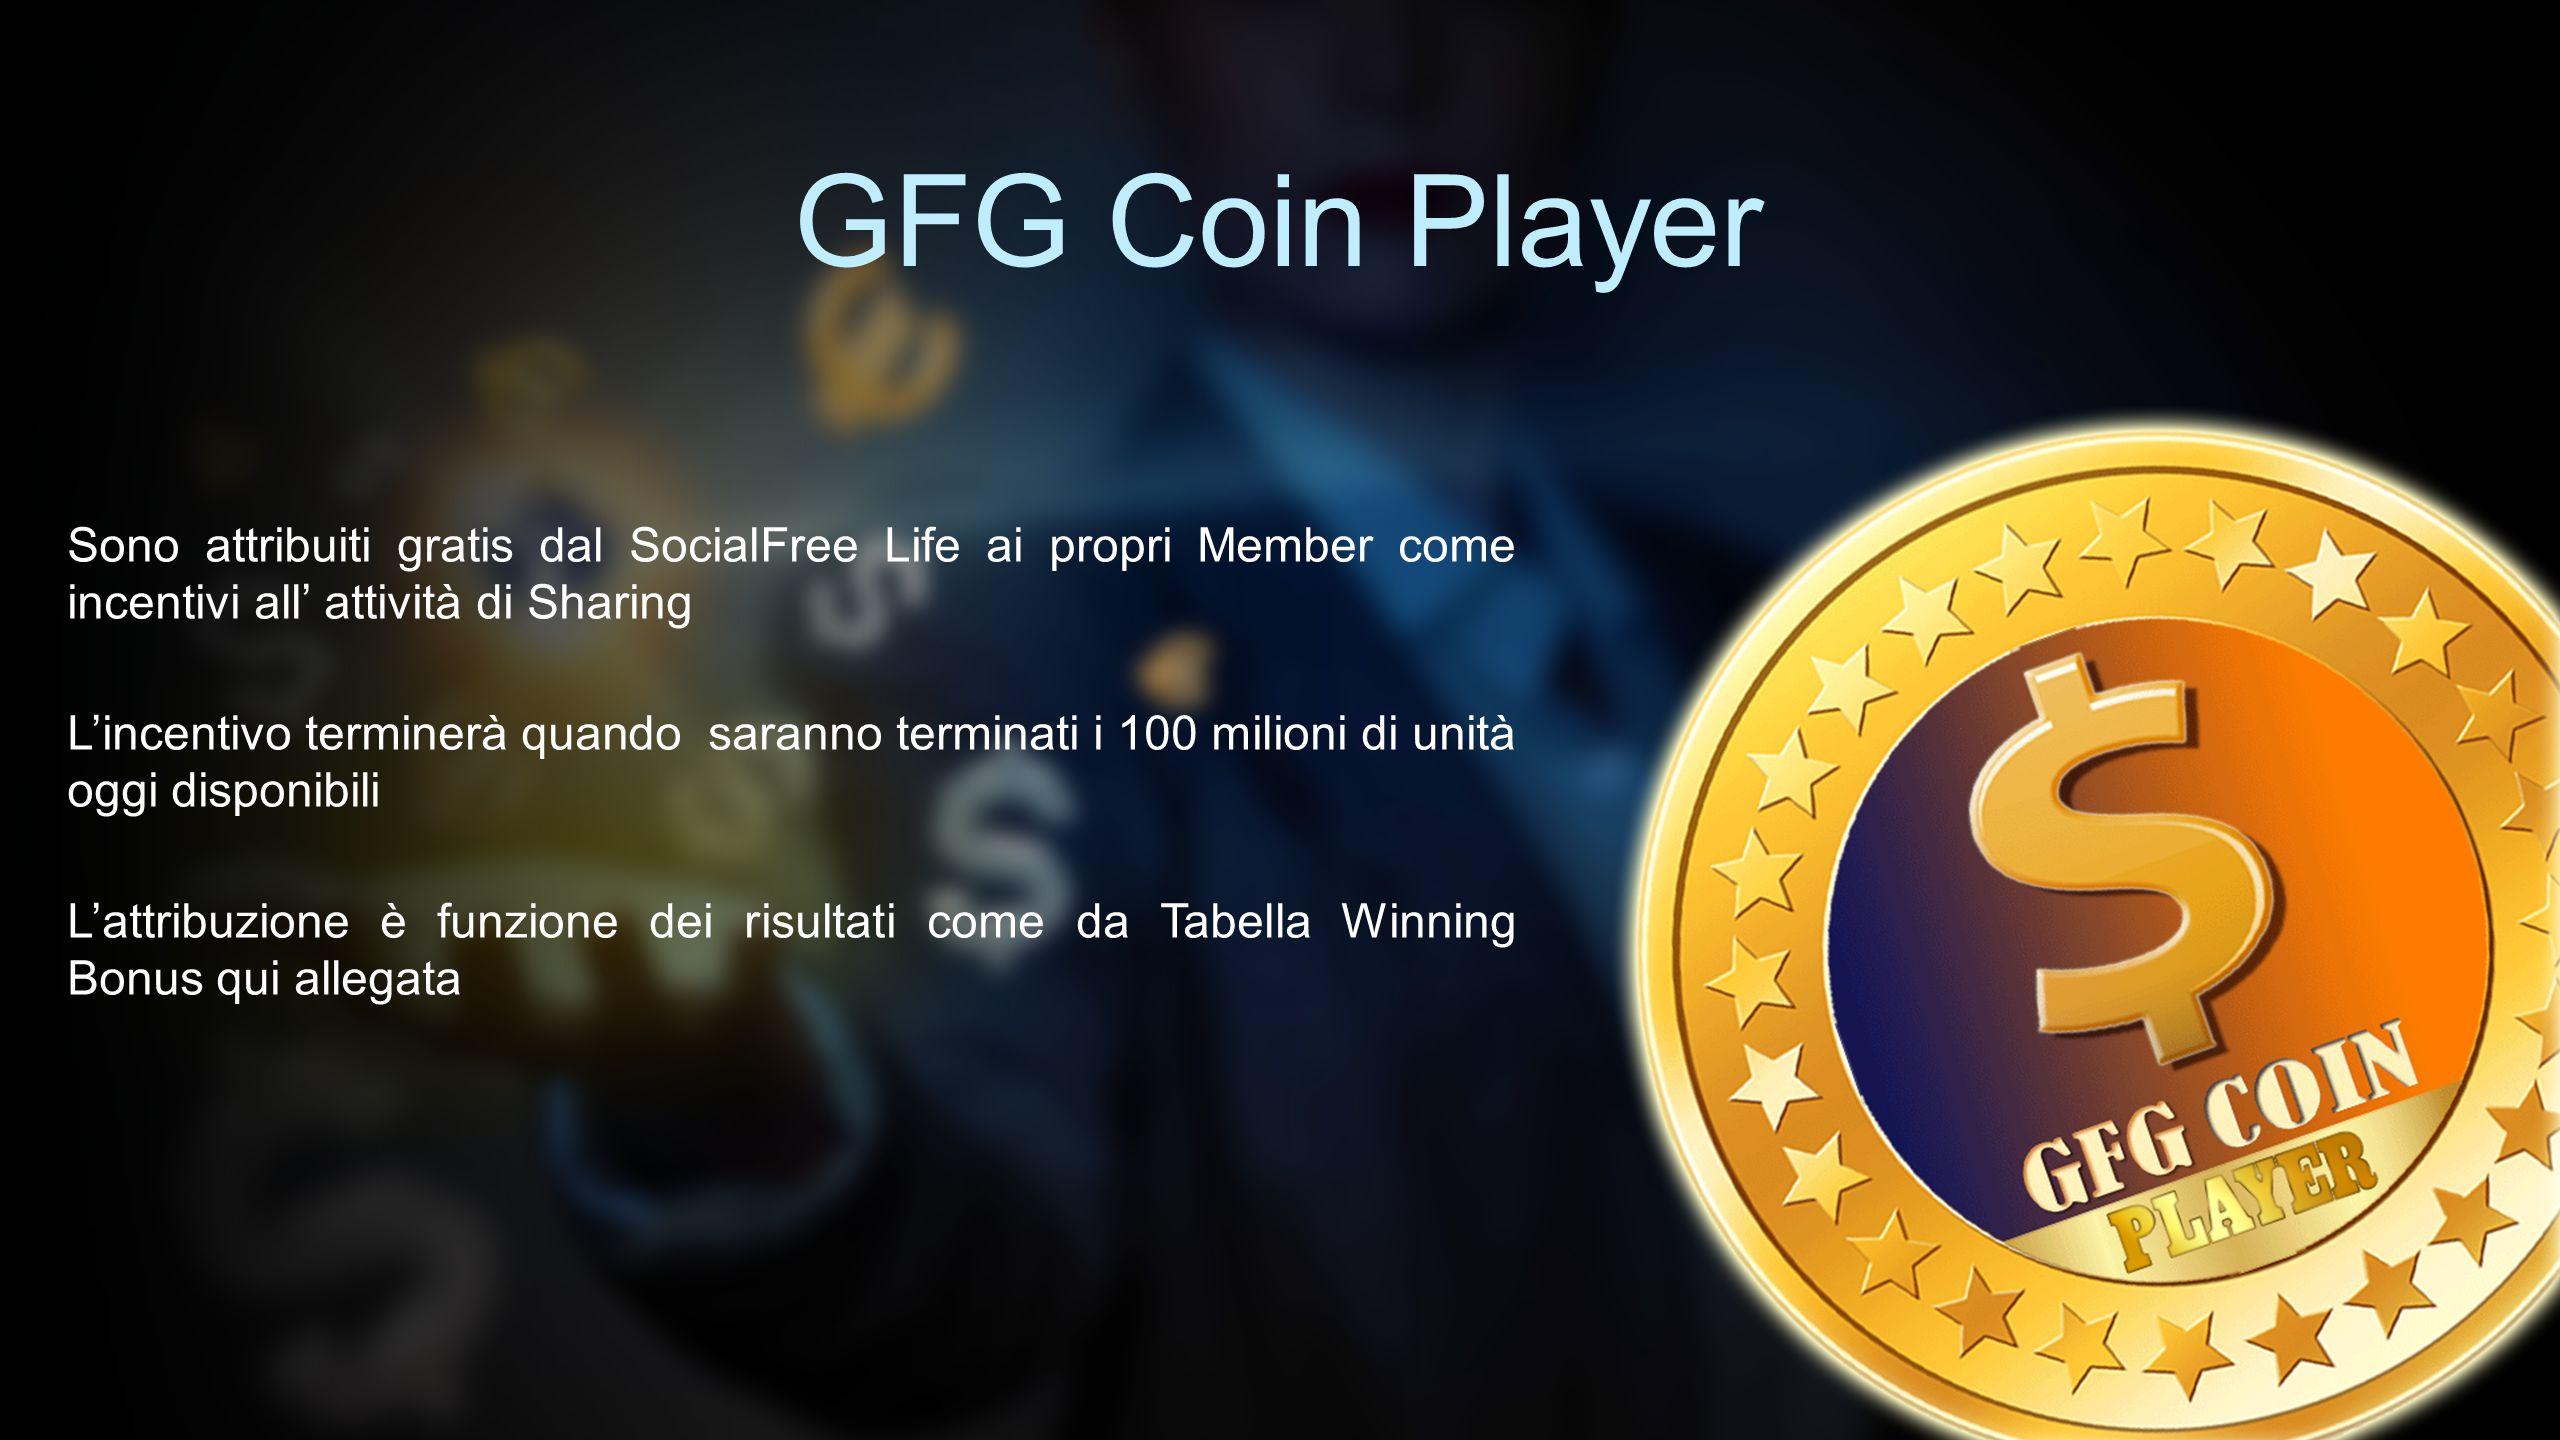 GFG Coin Player Sono attribuiti gratis dal SocialFree Life ai propri Member come incentivi all' attività di Sharing L'incentivo terminerà quando saran